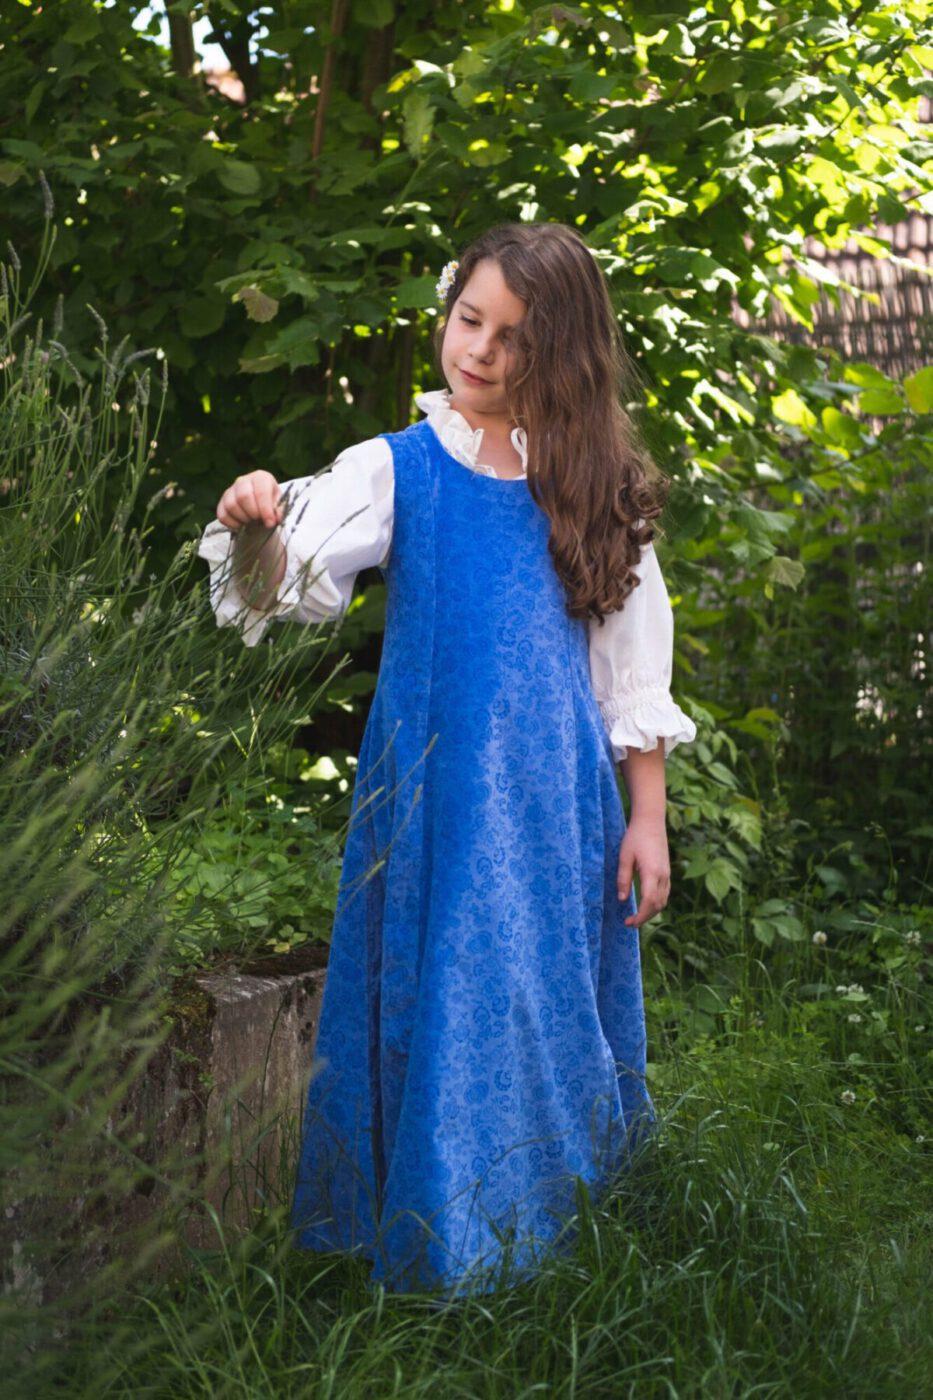 Ärmelloses Samtkleid für Kinder Modell Elsa